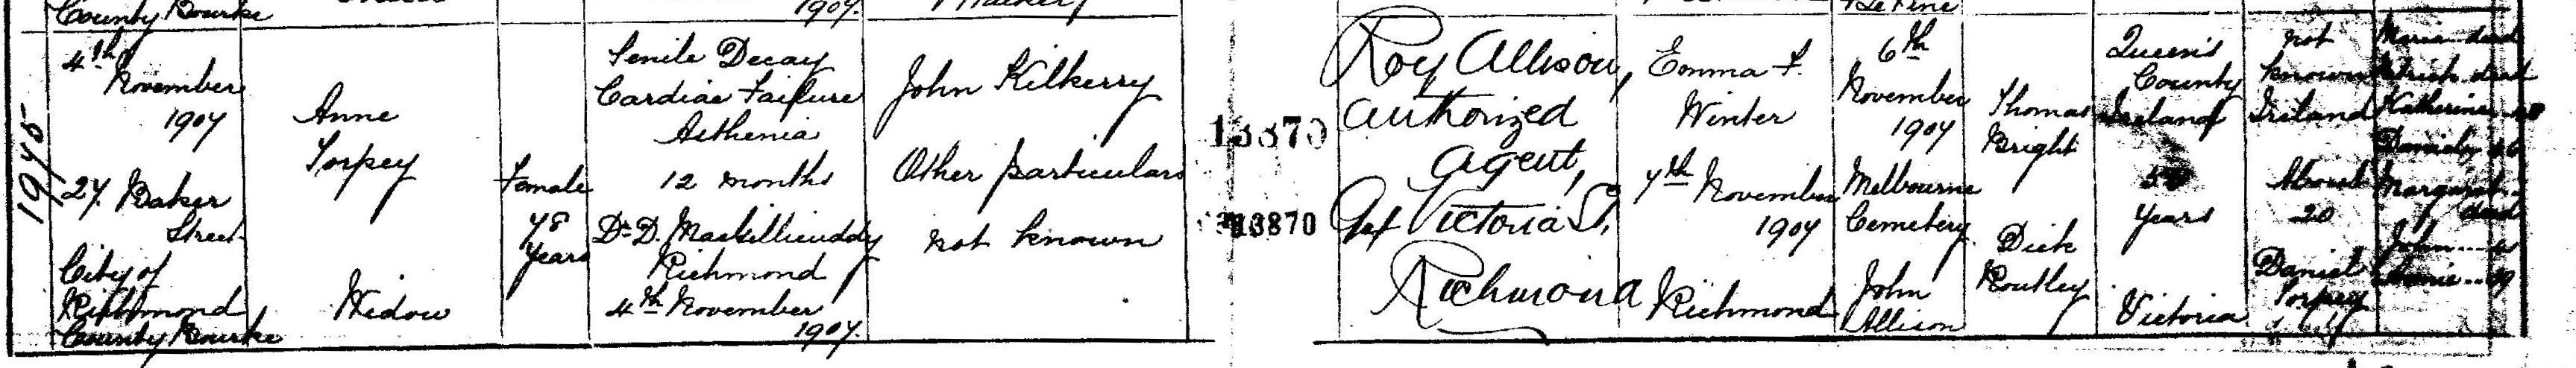 Anne Kilkeary Death Certificate 1907CR